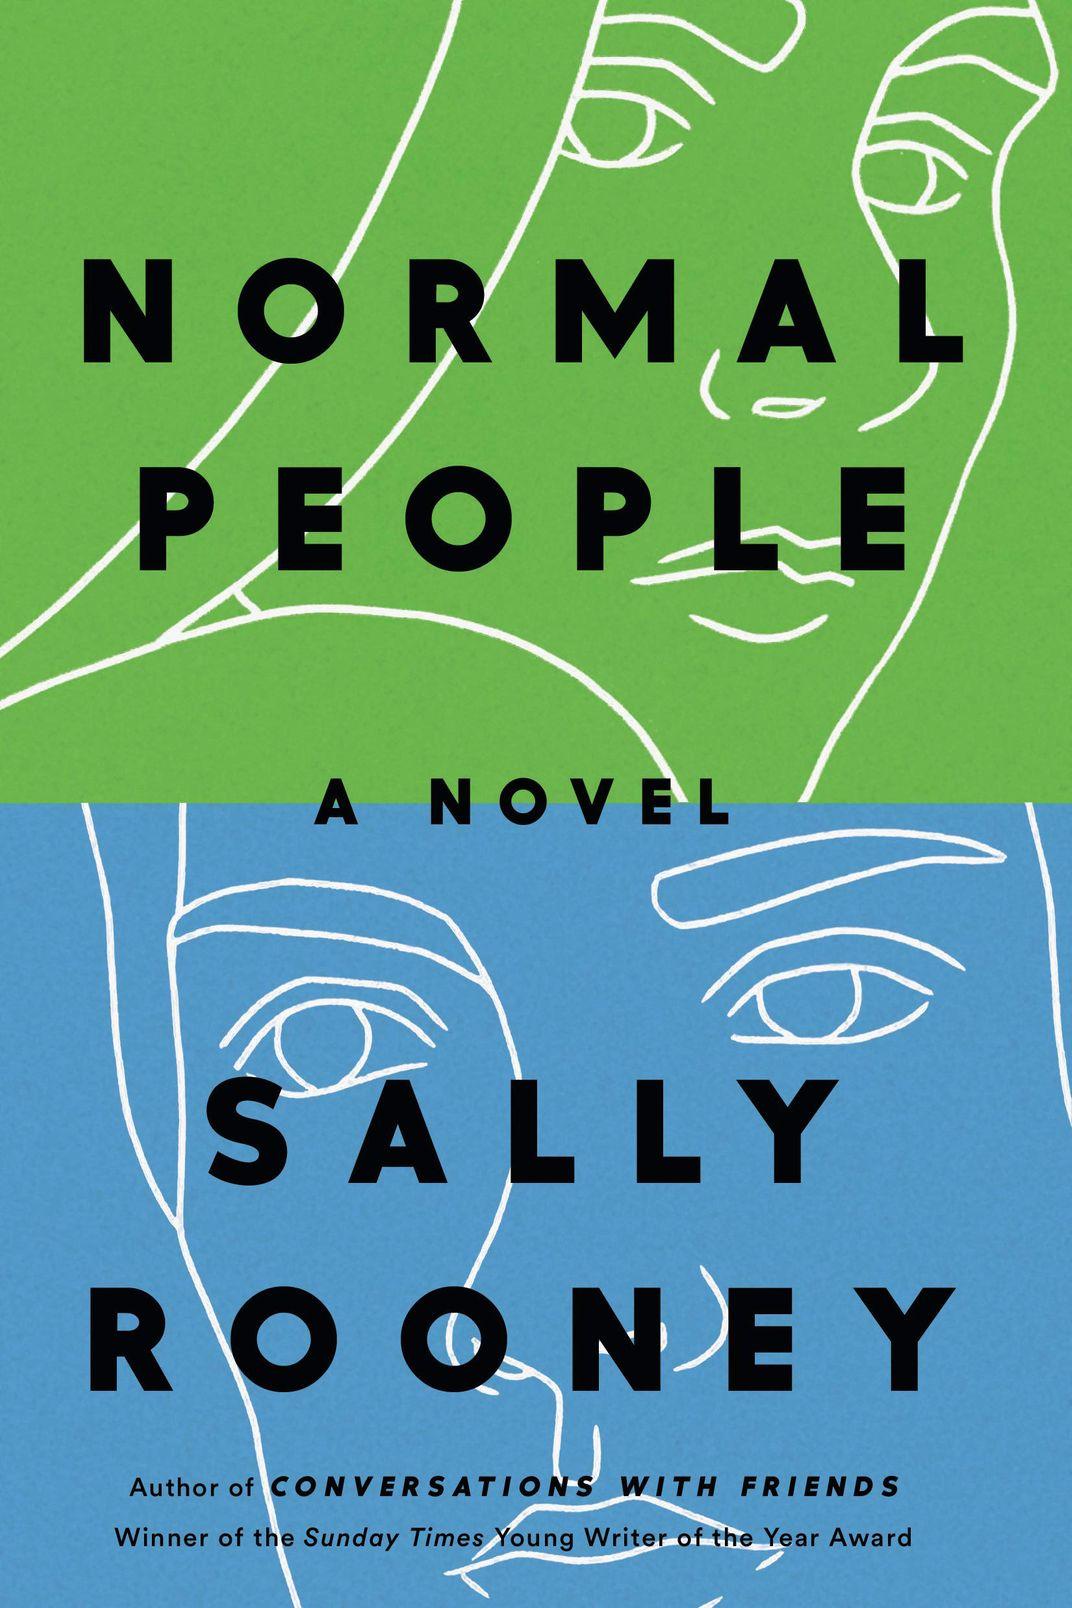 <em>Normal People</em>, by Sally Rooney (Hogarth, April 16)